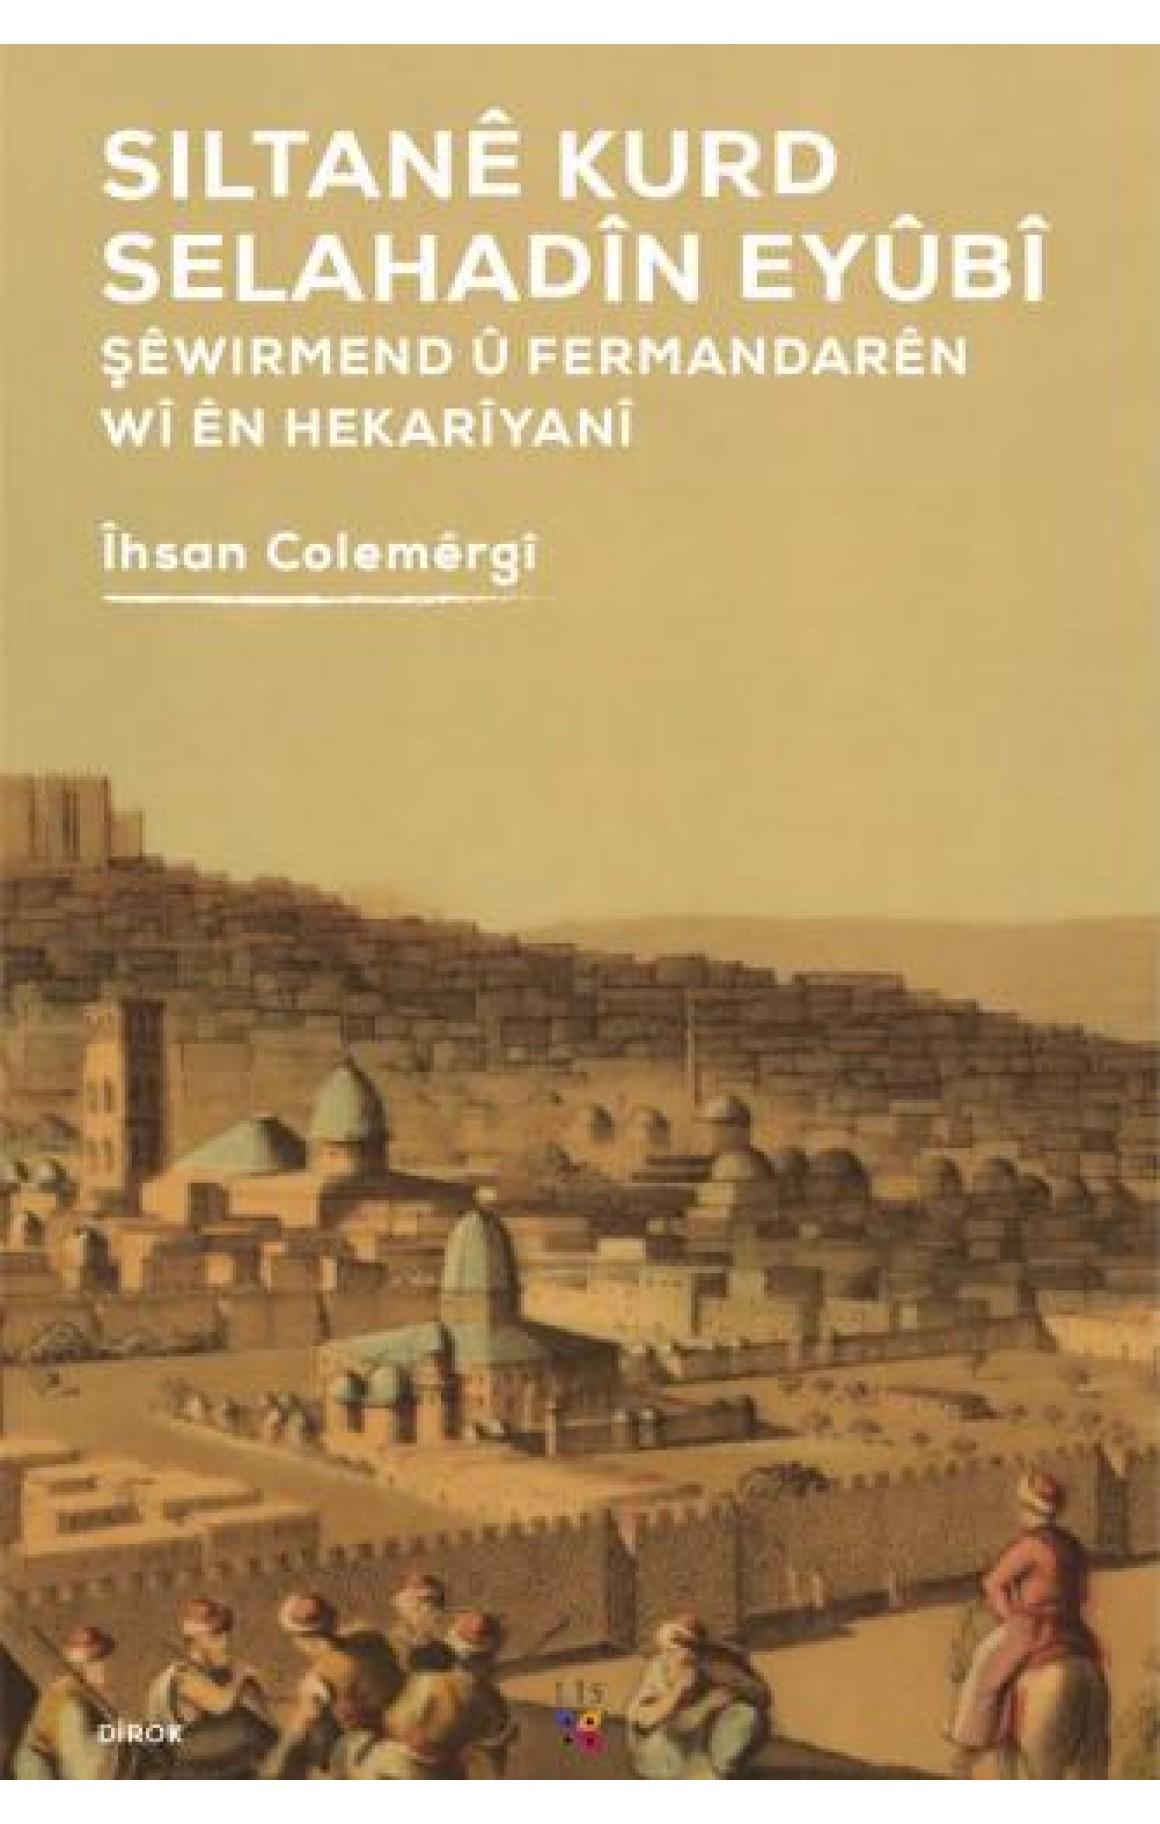 Sîltanê Kurd Selahadîn Eyûbî